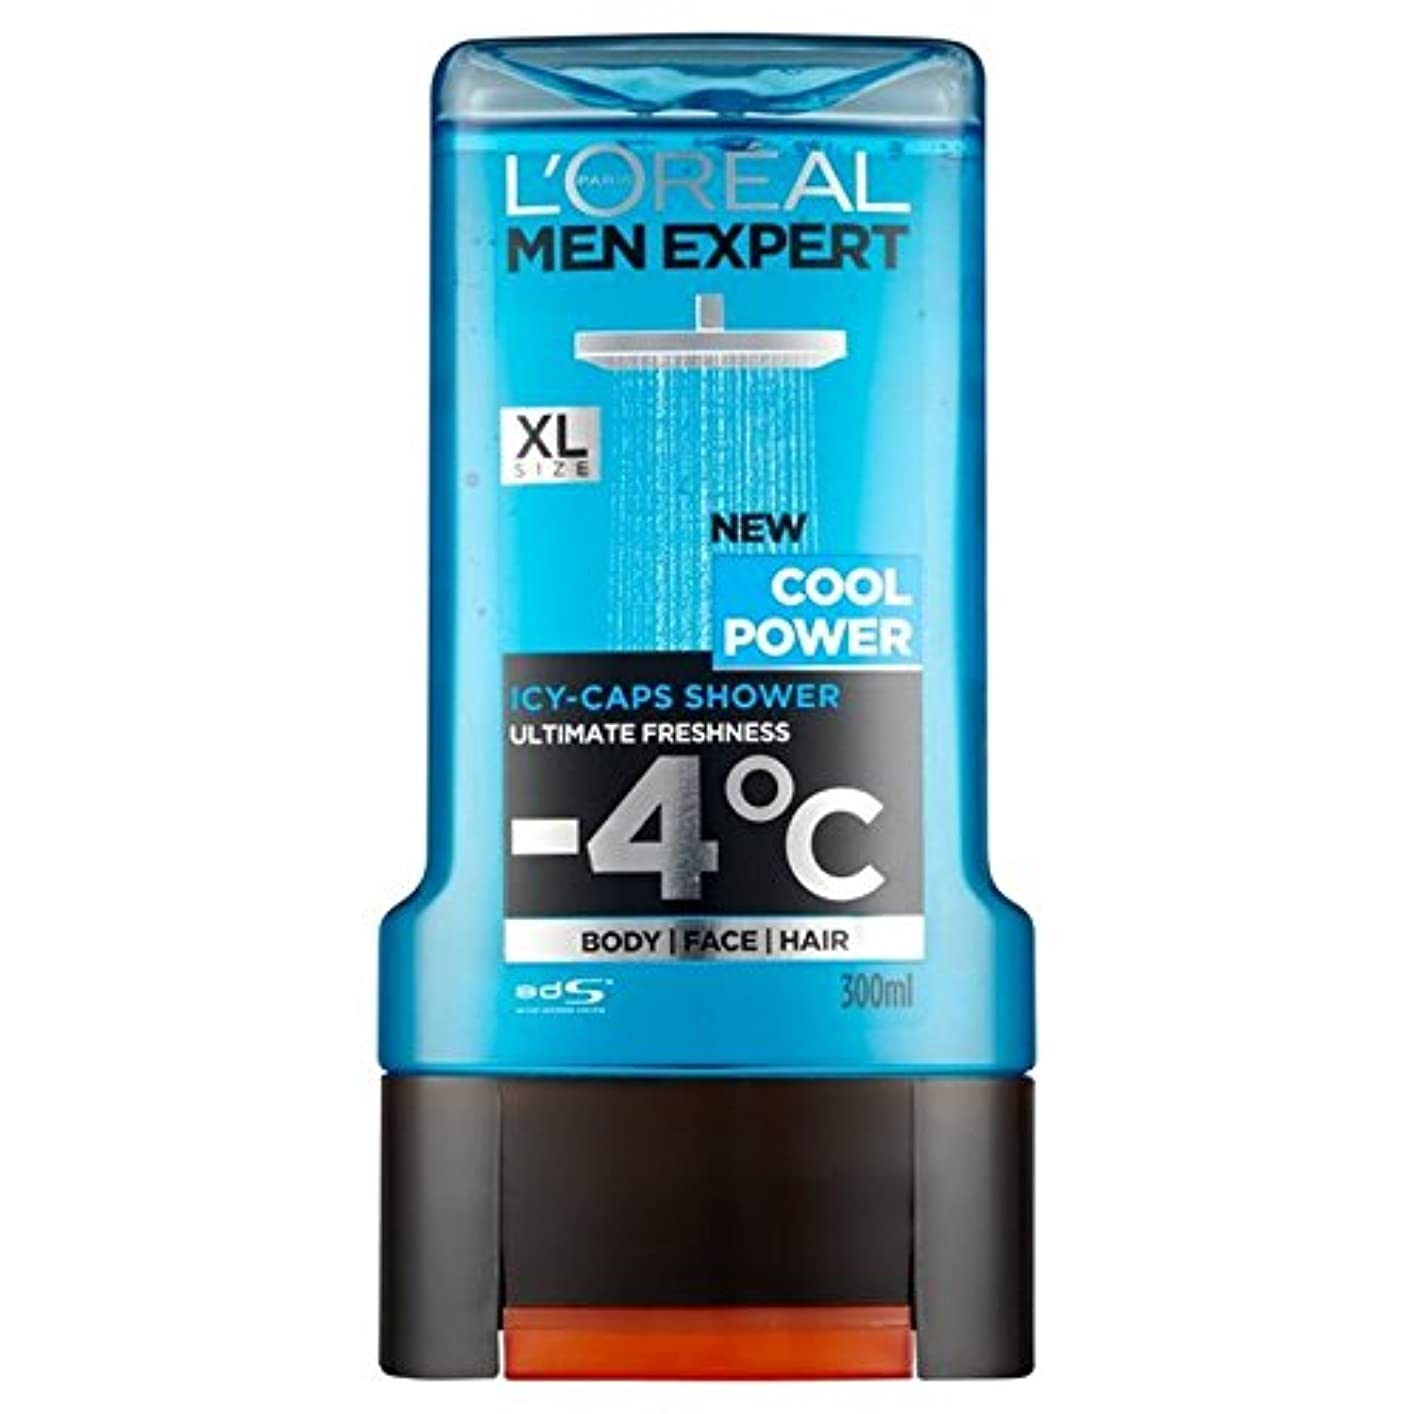 草無一文害虫ロレアルパリの男性の専門家のクールなパワーシャワージェル300ミリリットル x4 - L'Oreal Paris Men Expert Cool Power Shower Gel 300ml (Pack of 4) [並行輸入品]